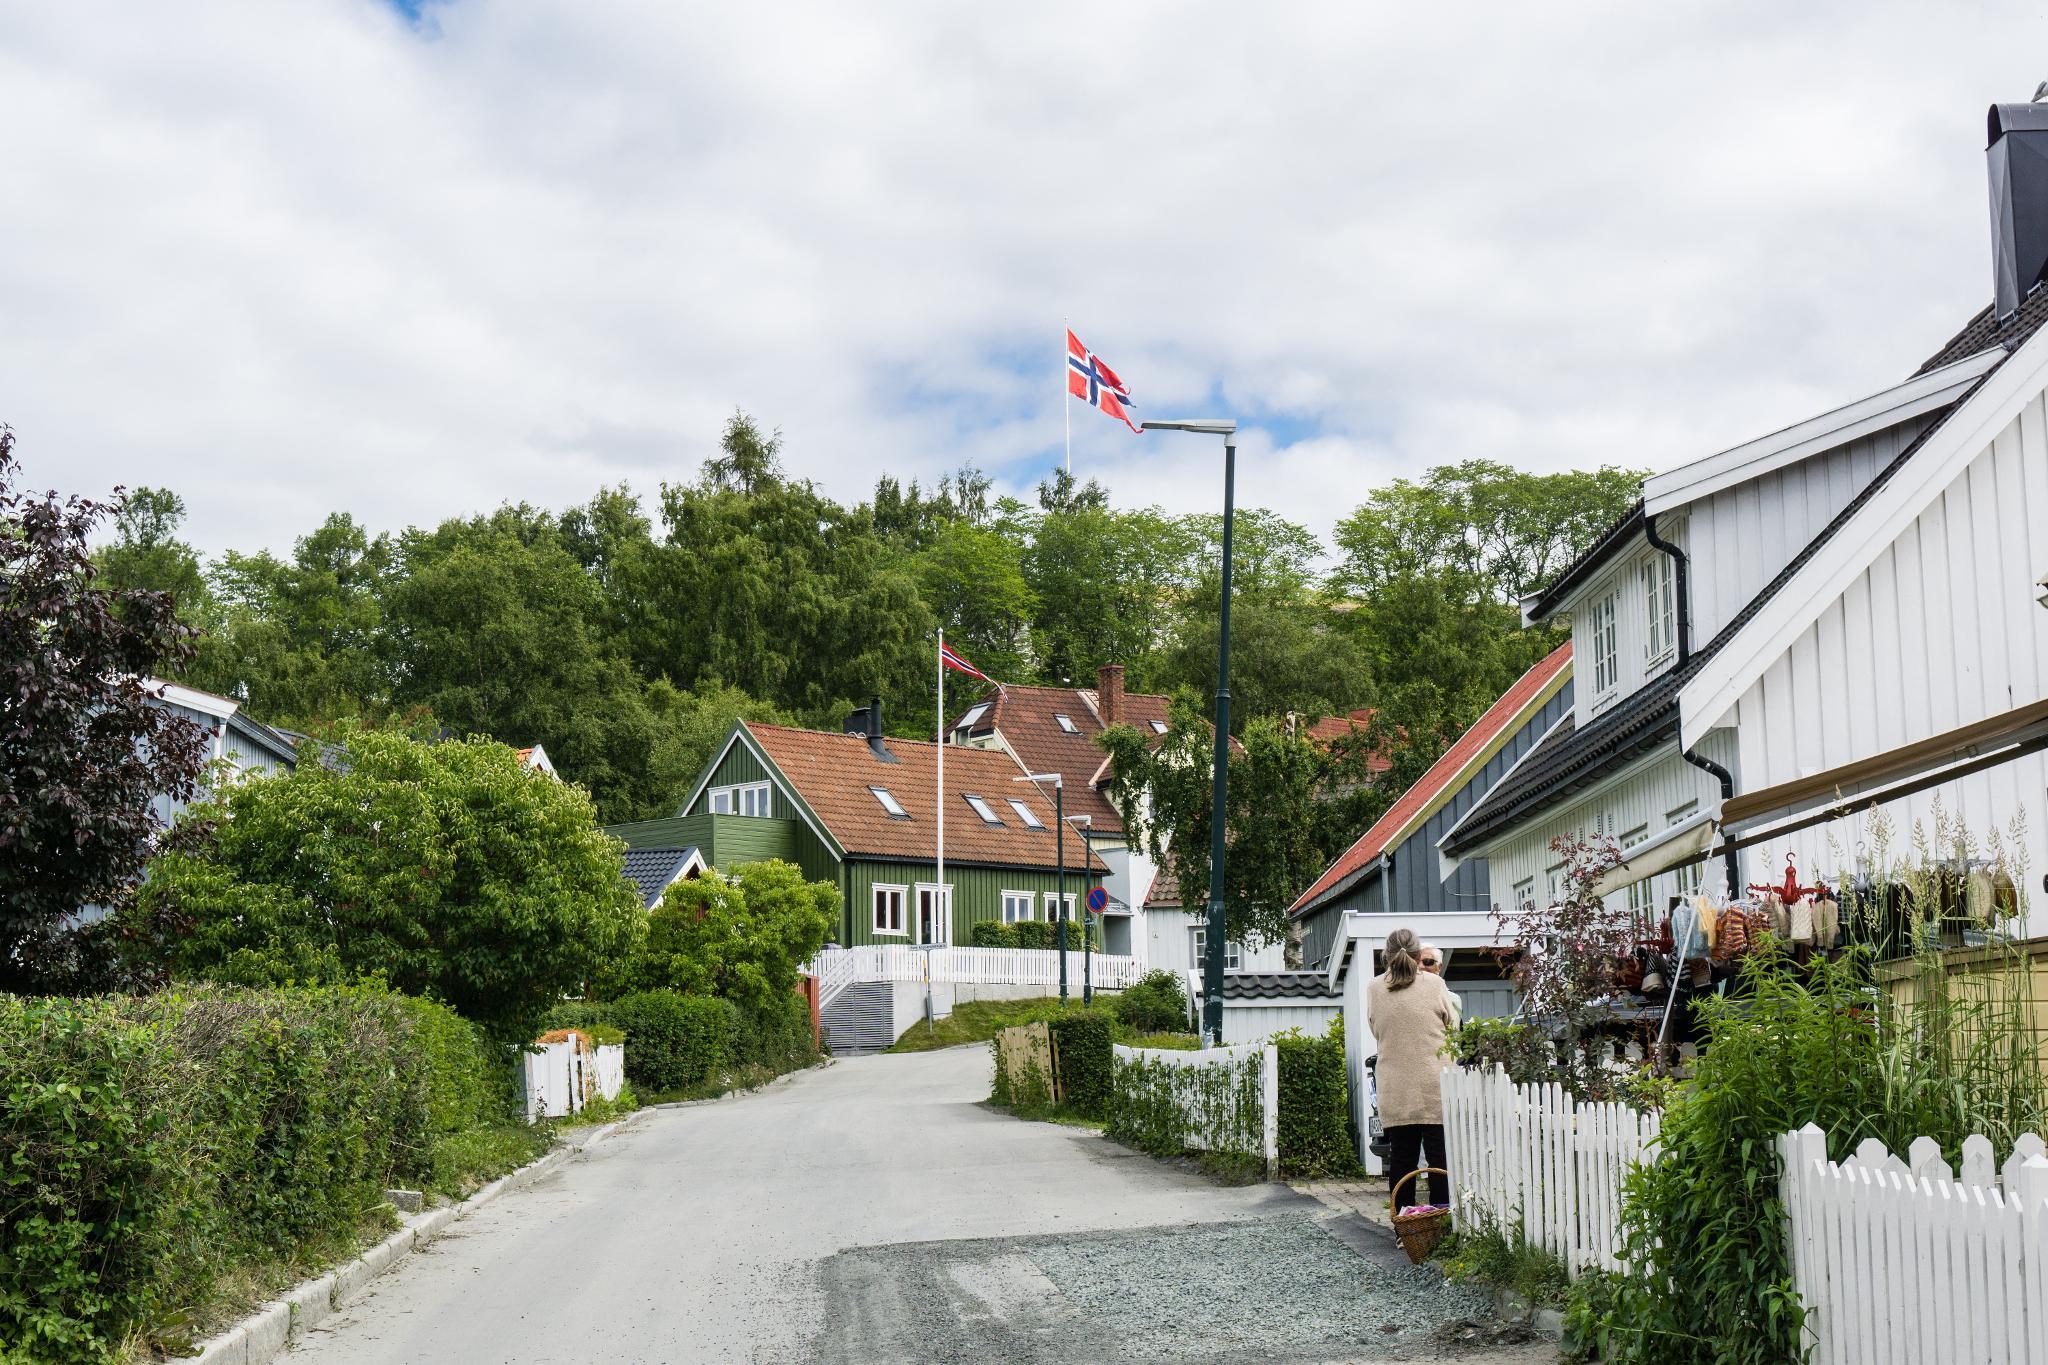 【北歐景點】拜訪維京王的千年古城 - Trondheim 特隆赫姆景點懶人包 45